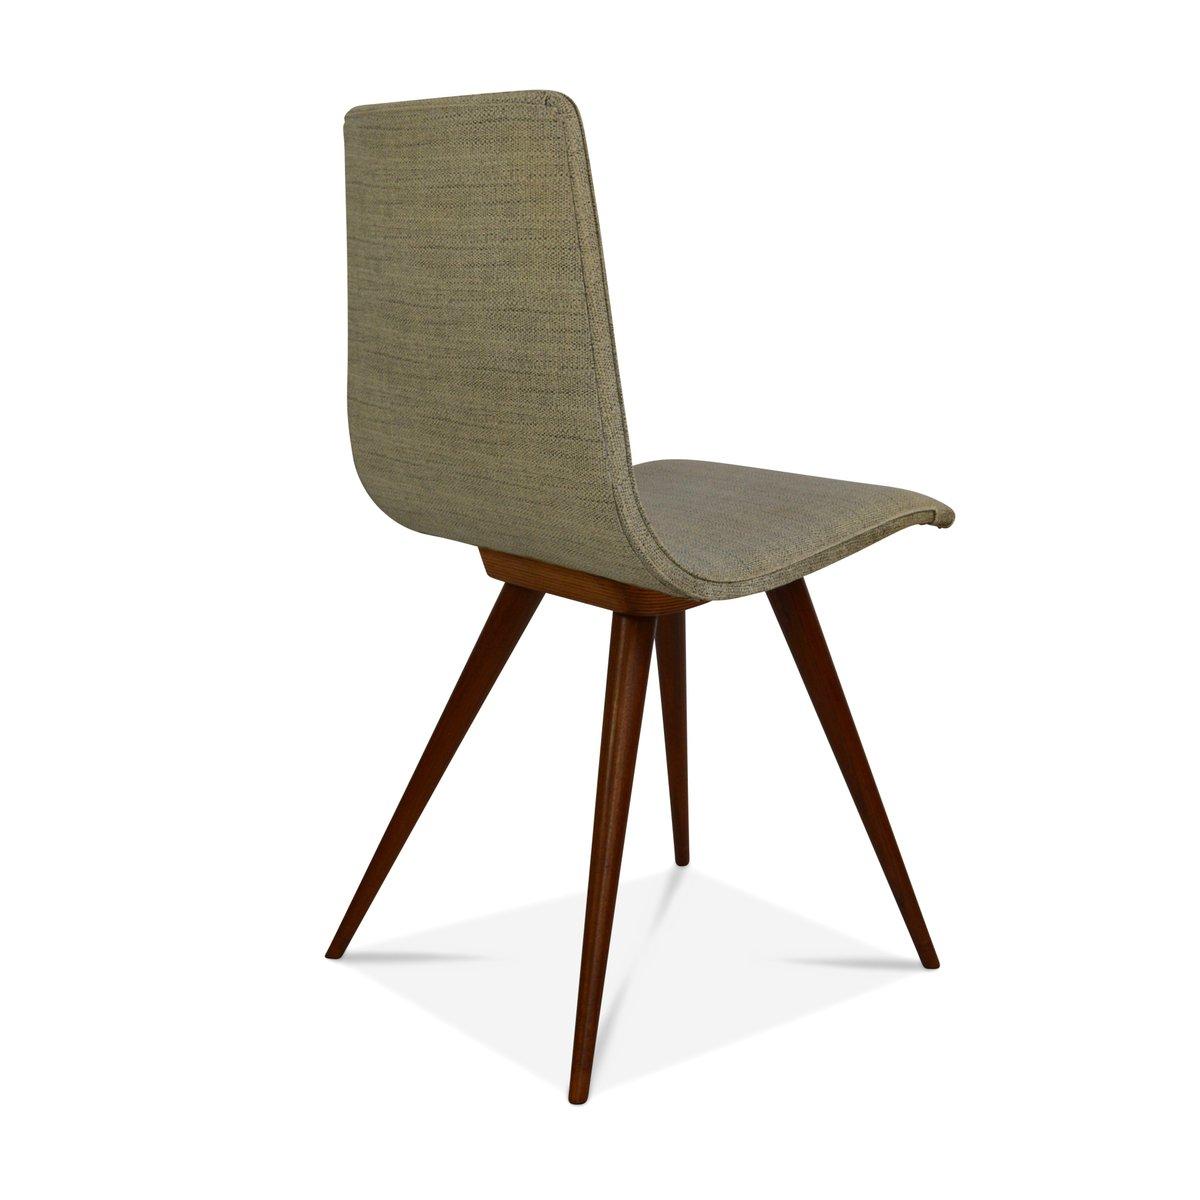 teak esszimmerst hle 1950er 4er set bei pamono kaufen. Black Bedroom Furniture Sets. Home Design Ideas